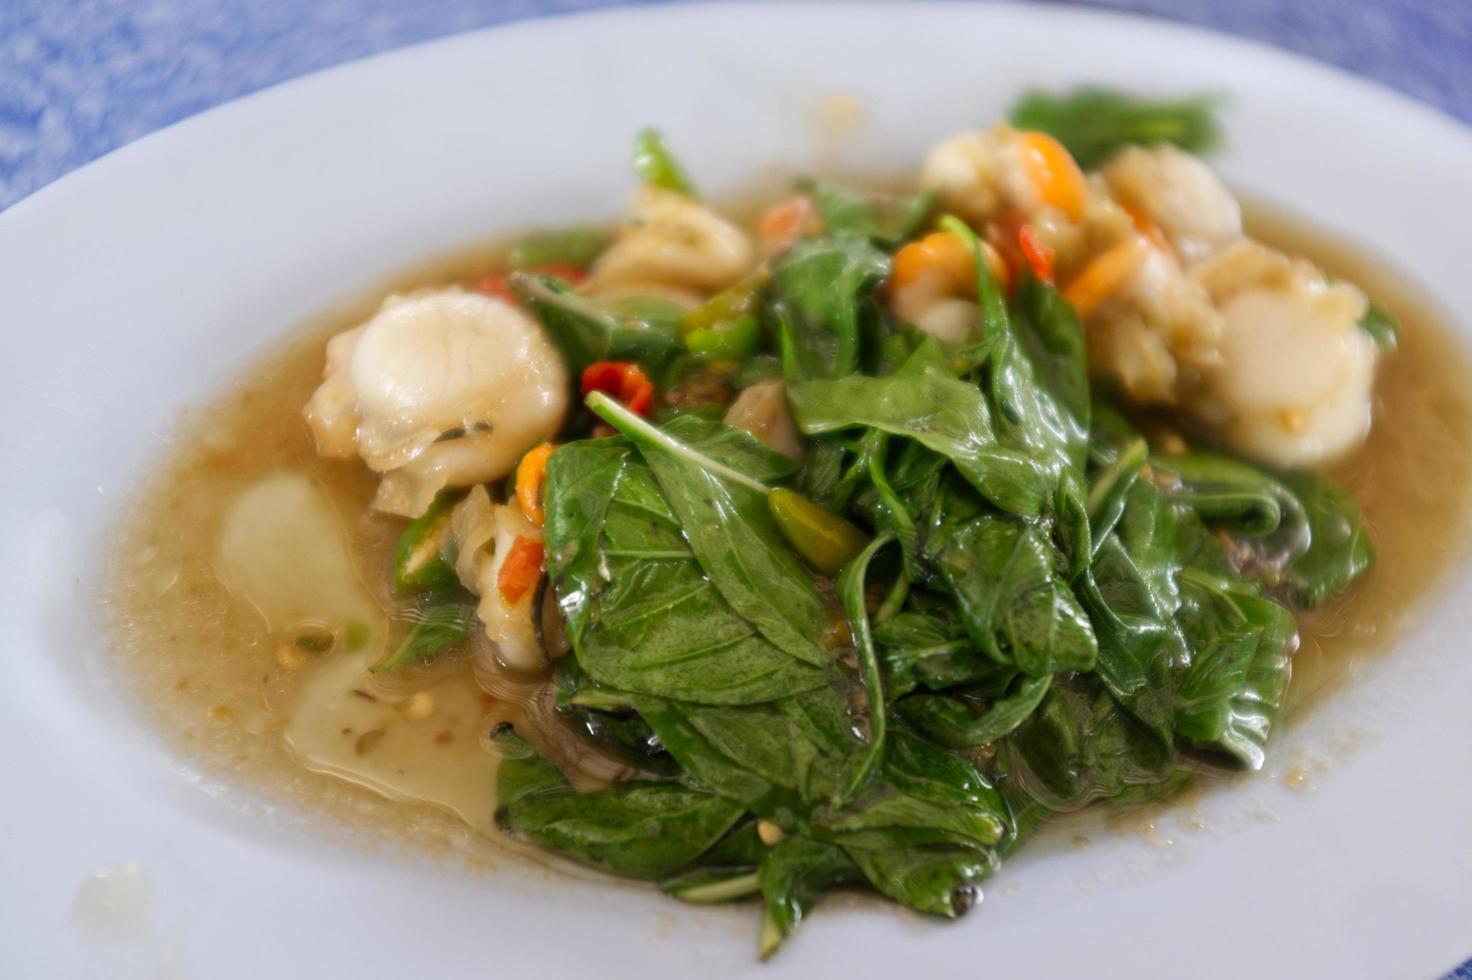 fruits de mer thaï, pétoncles frits au basilic photo